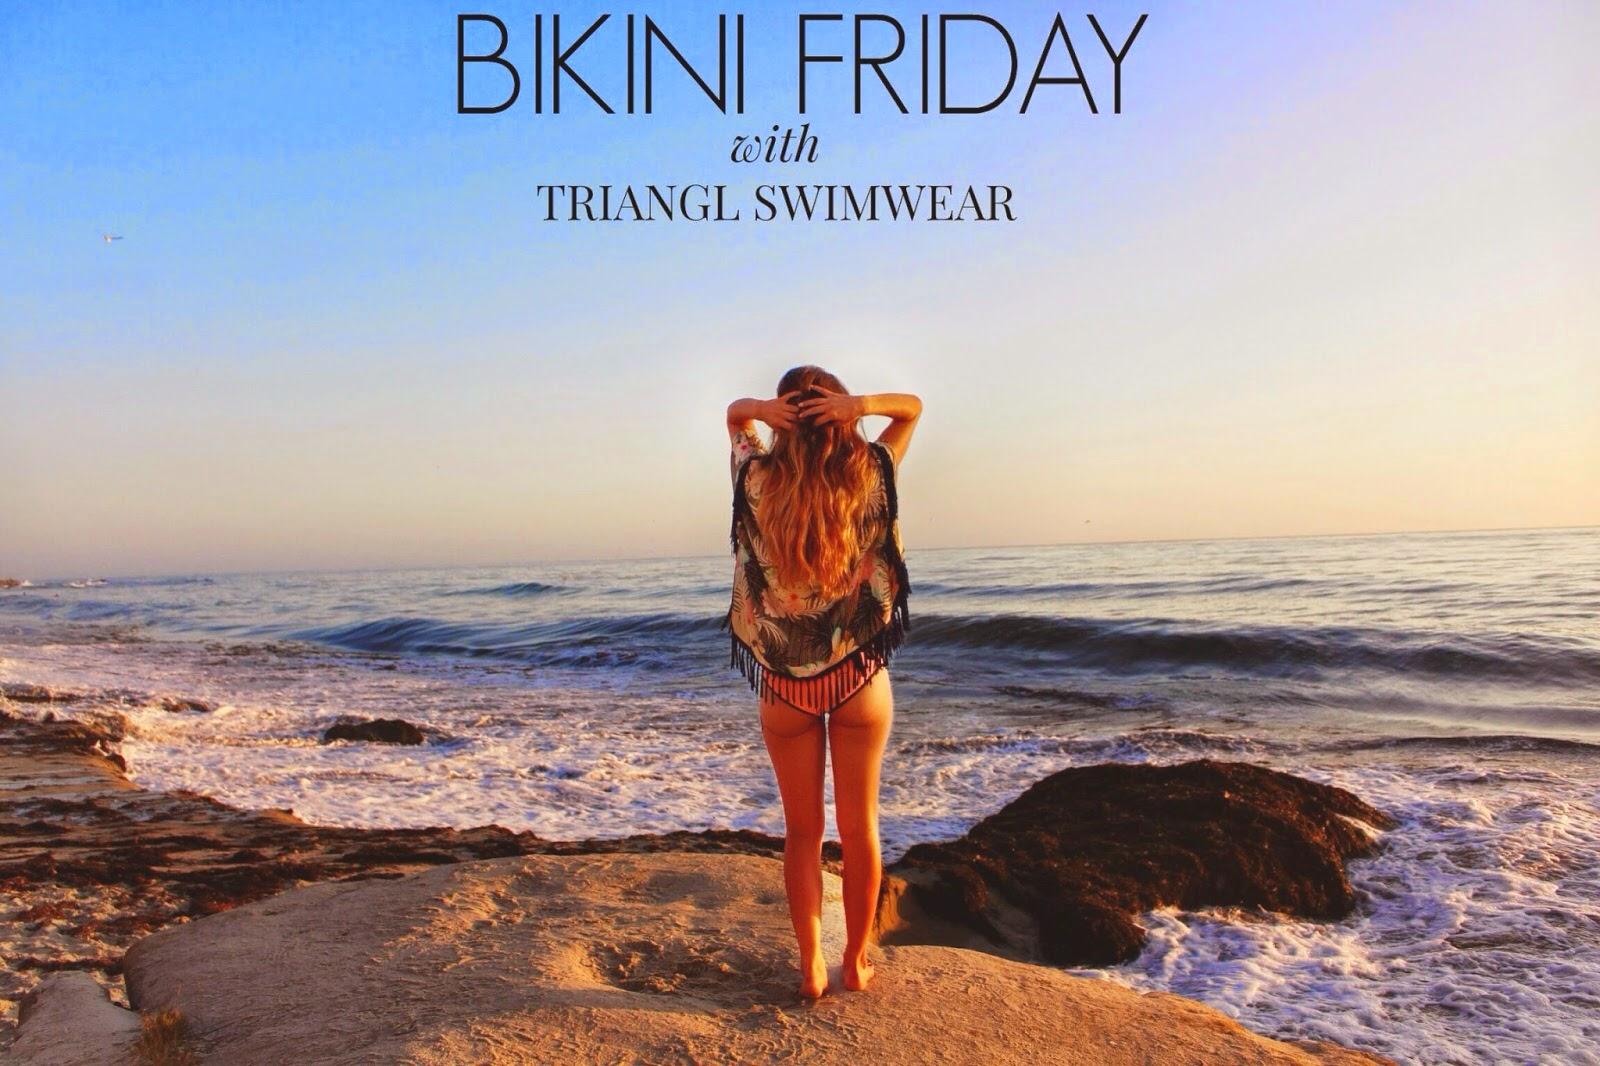 http://www.mepoopsie.com/2014/07/bikini-friday-triangl.html